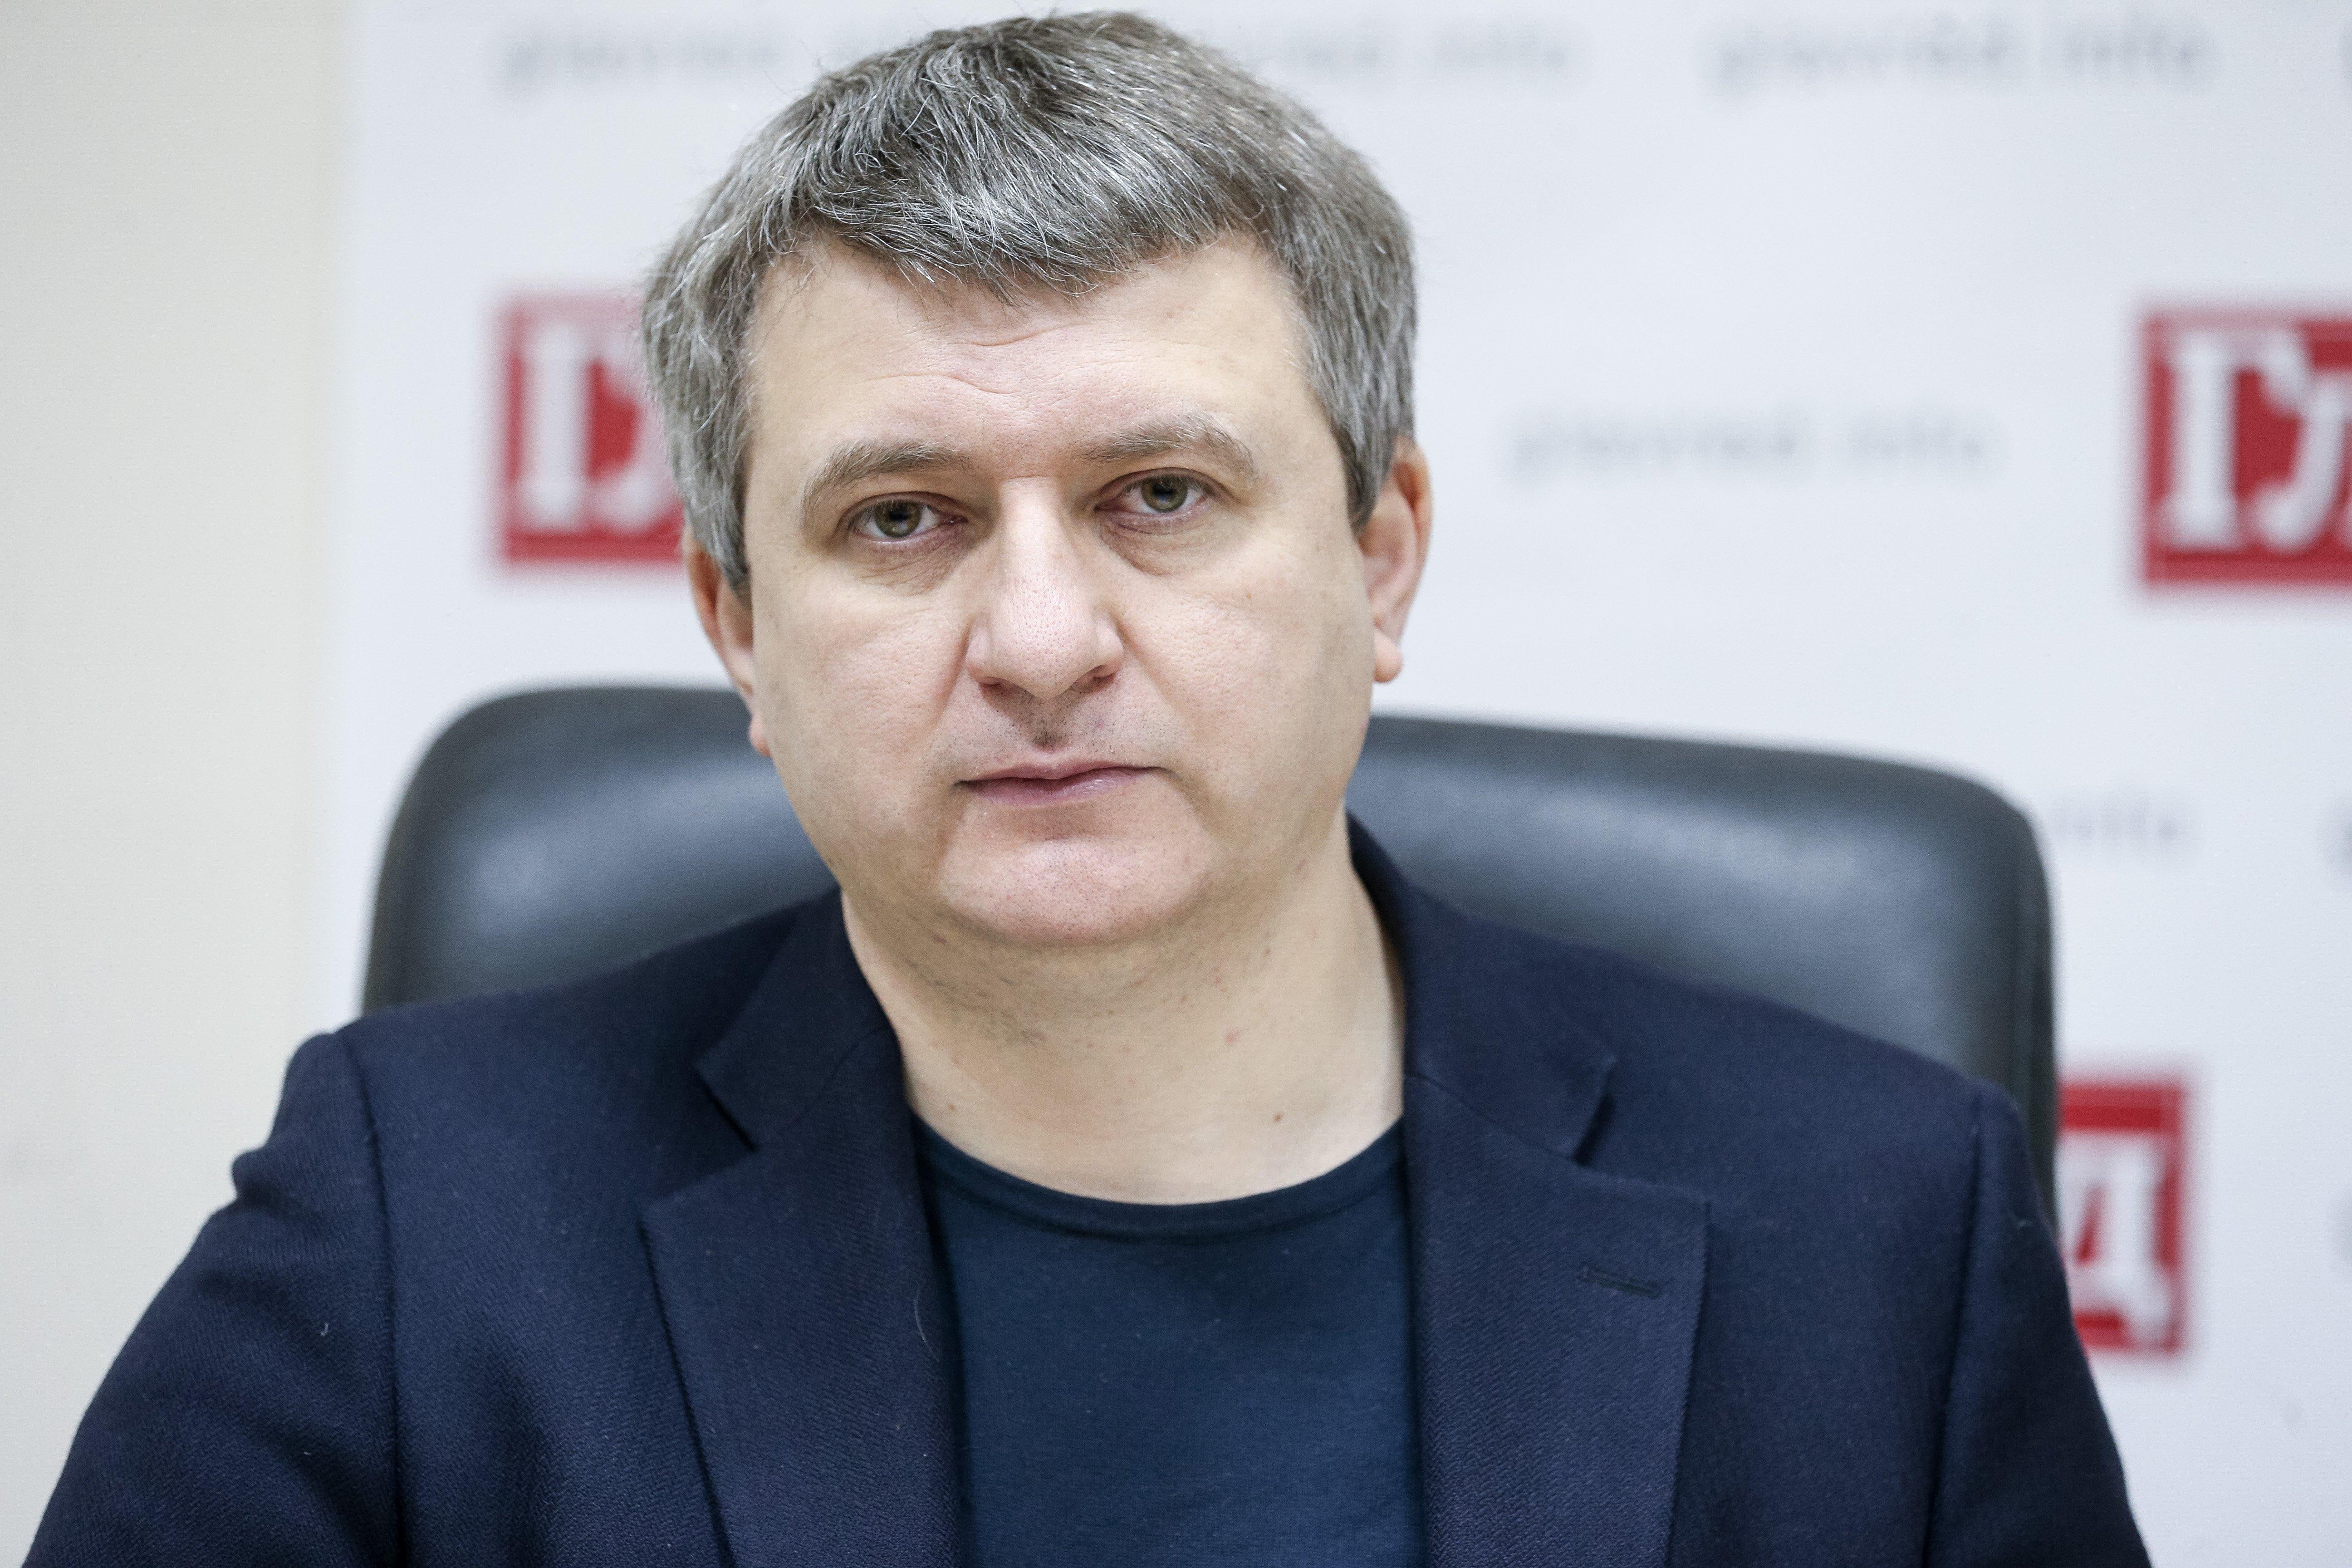 Юрий Романенко считает, что смерть Захарченко - начало возвращения Донбасса